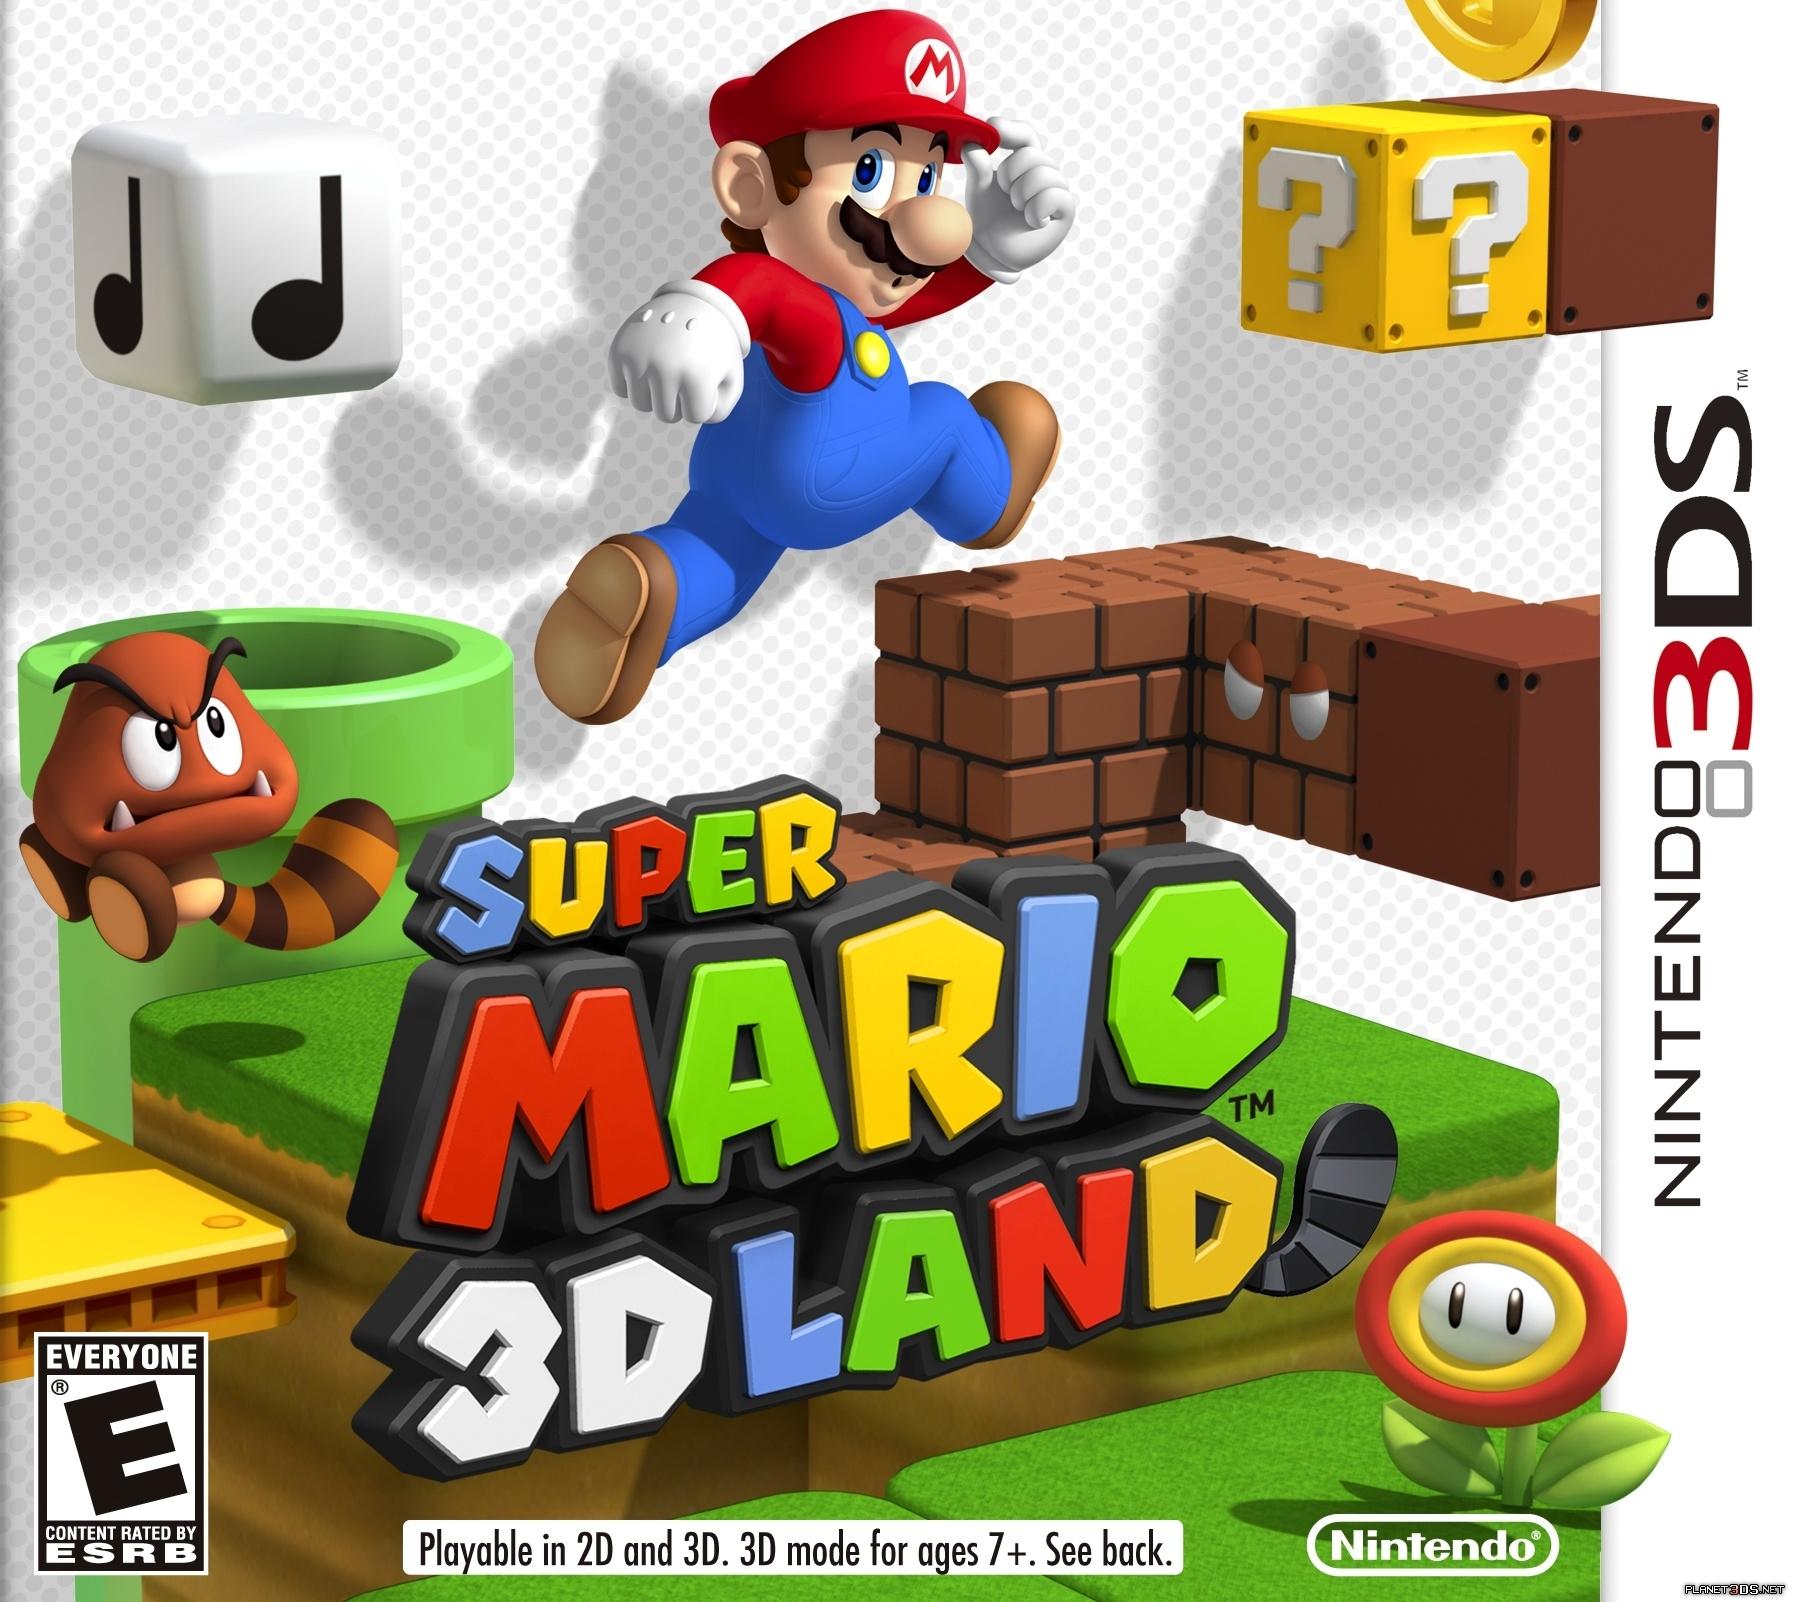 3ds-Mario-Games-mario-26264439-1797-1602.jpg